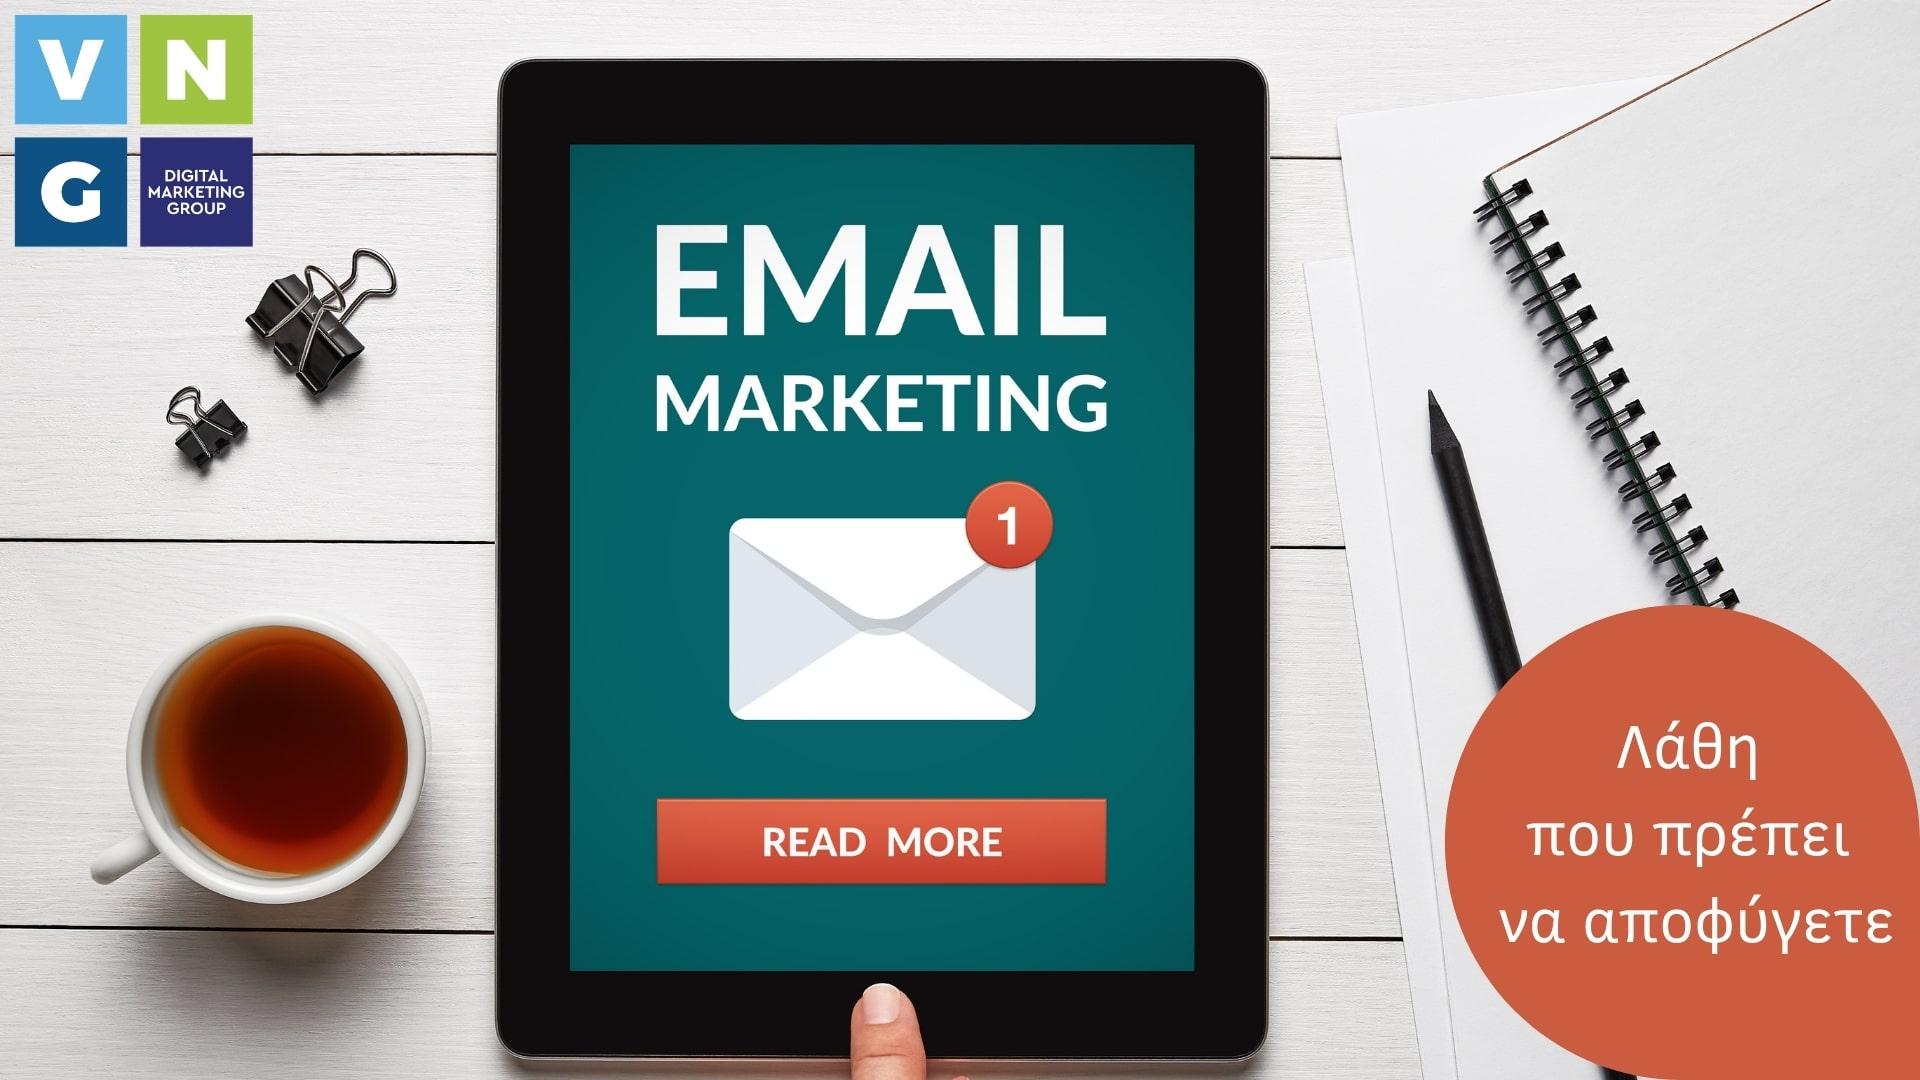 Αυτά είναι όσα δεν πρέπει να κάνετε στο email marketing